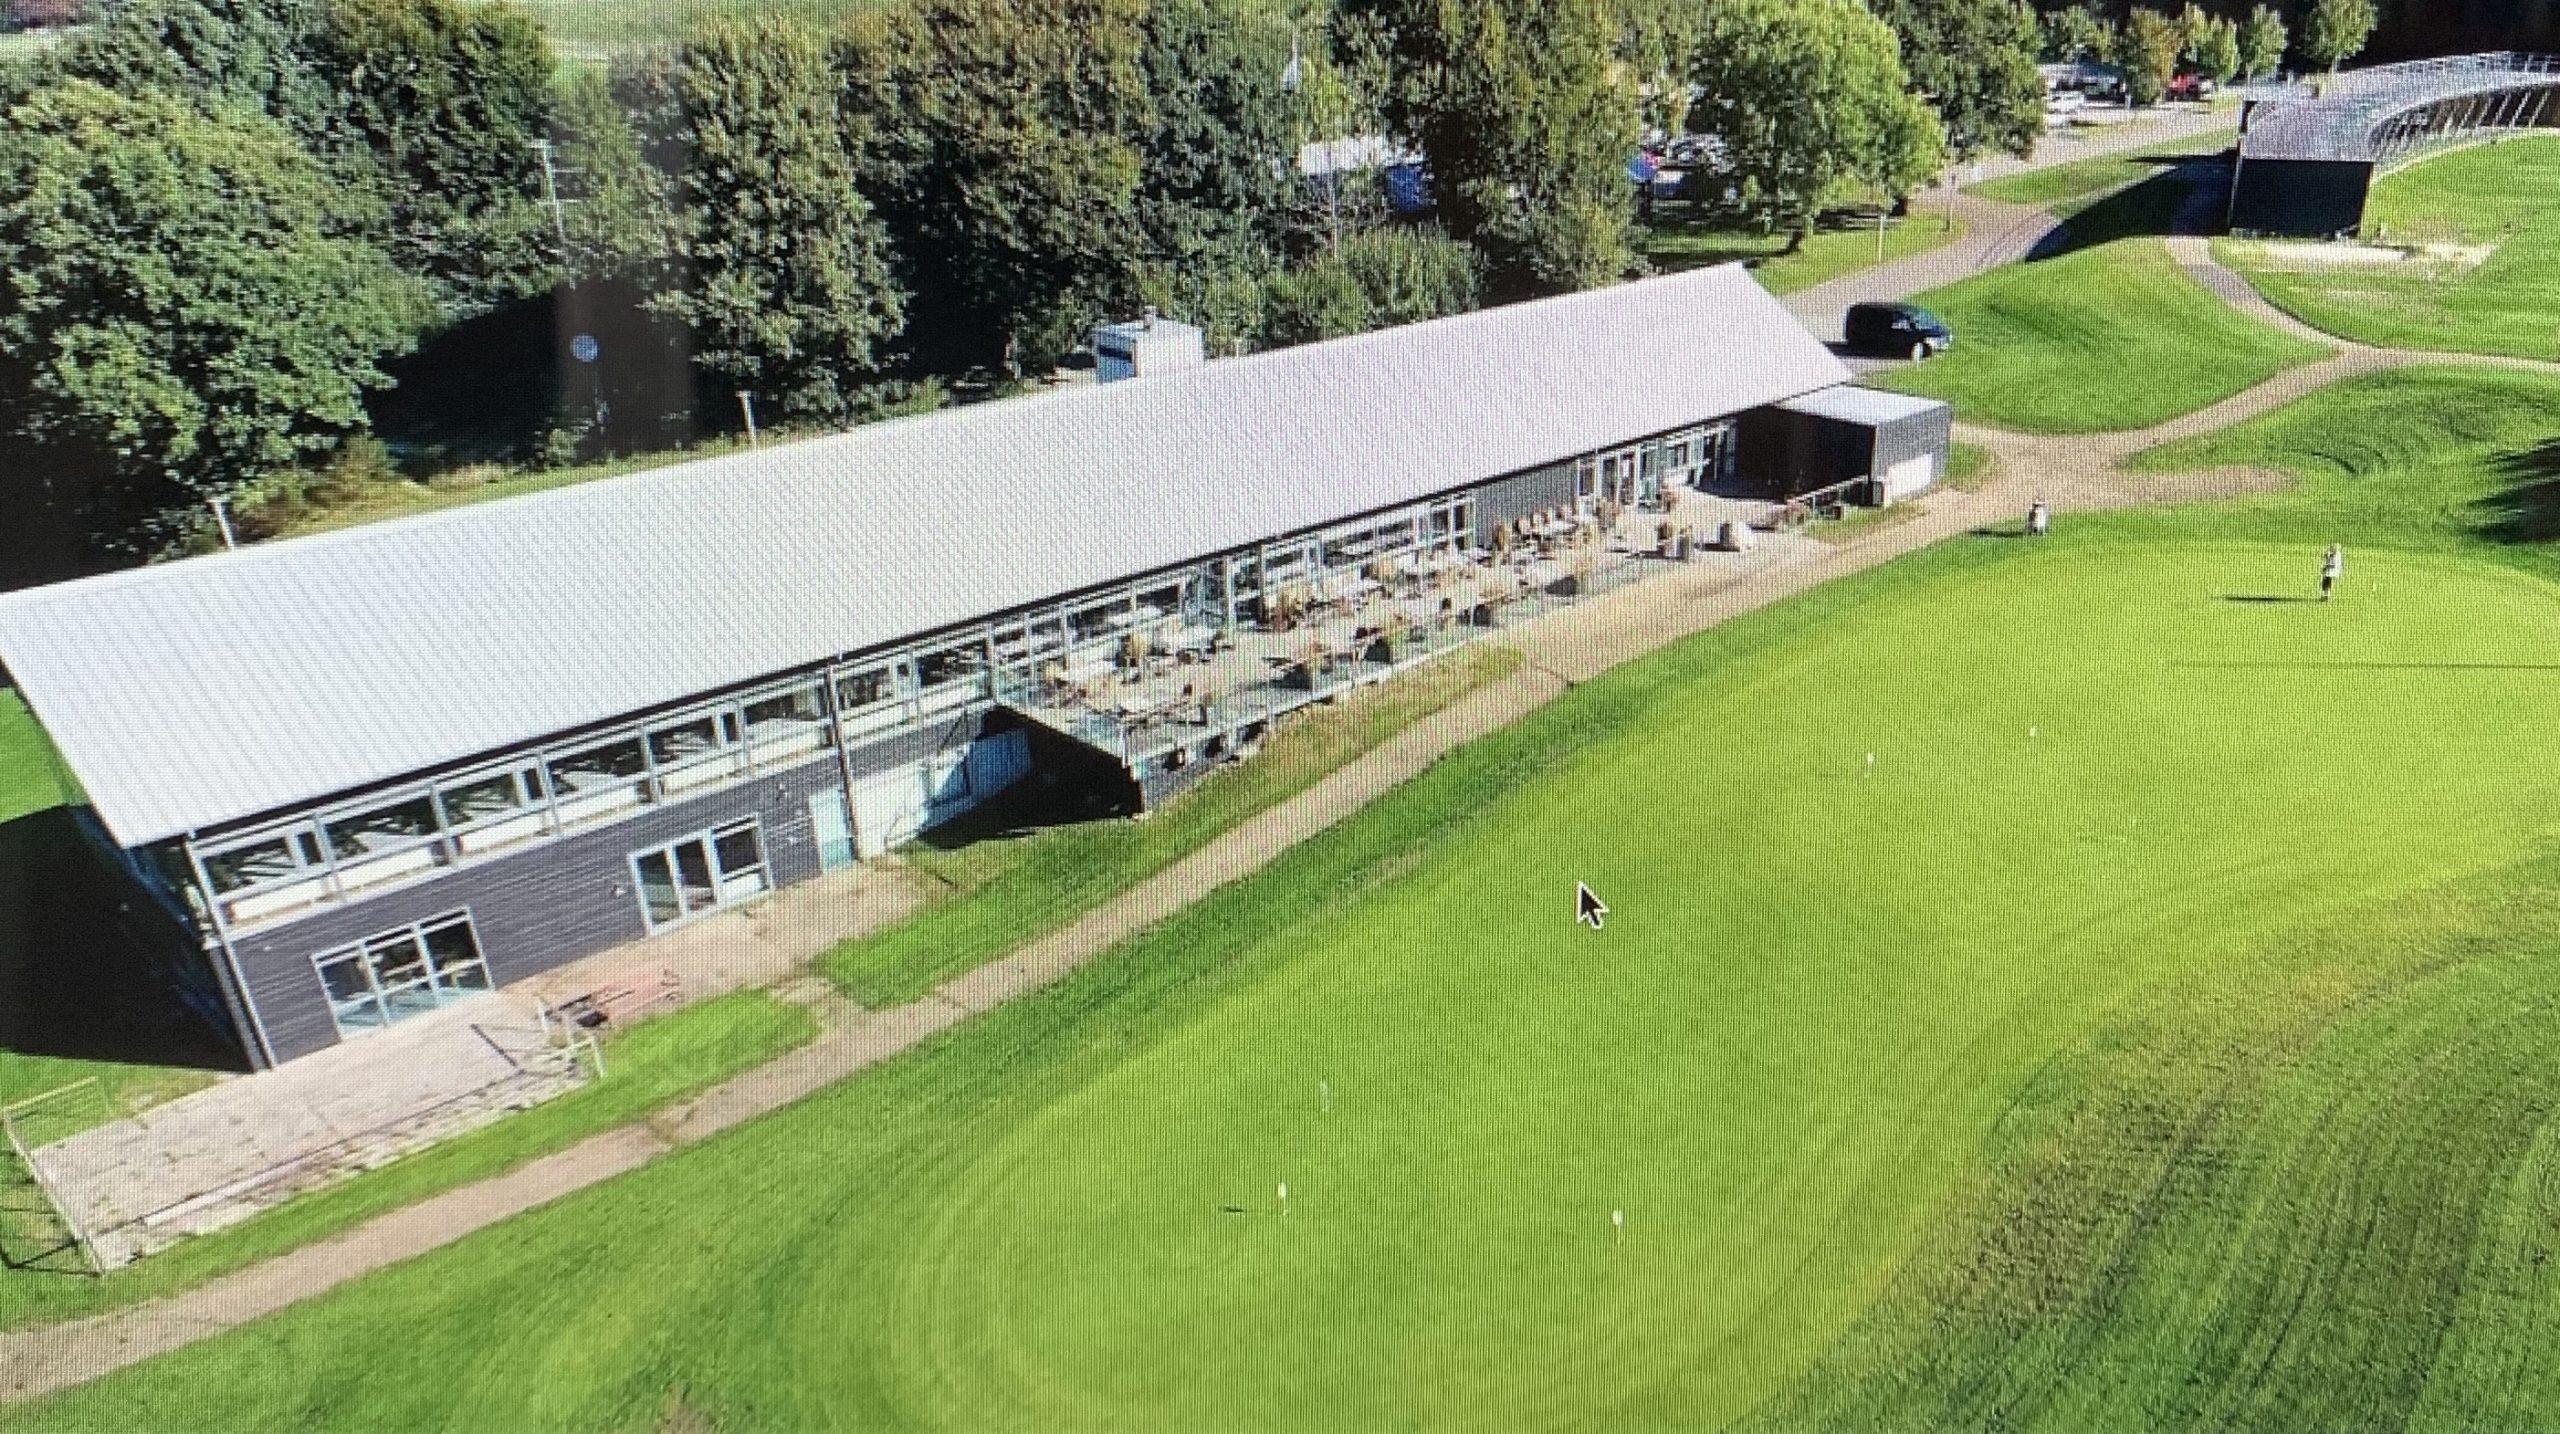 Region Fyn/Sydjylland Fredericia Golf Club